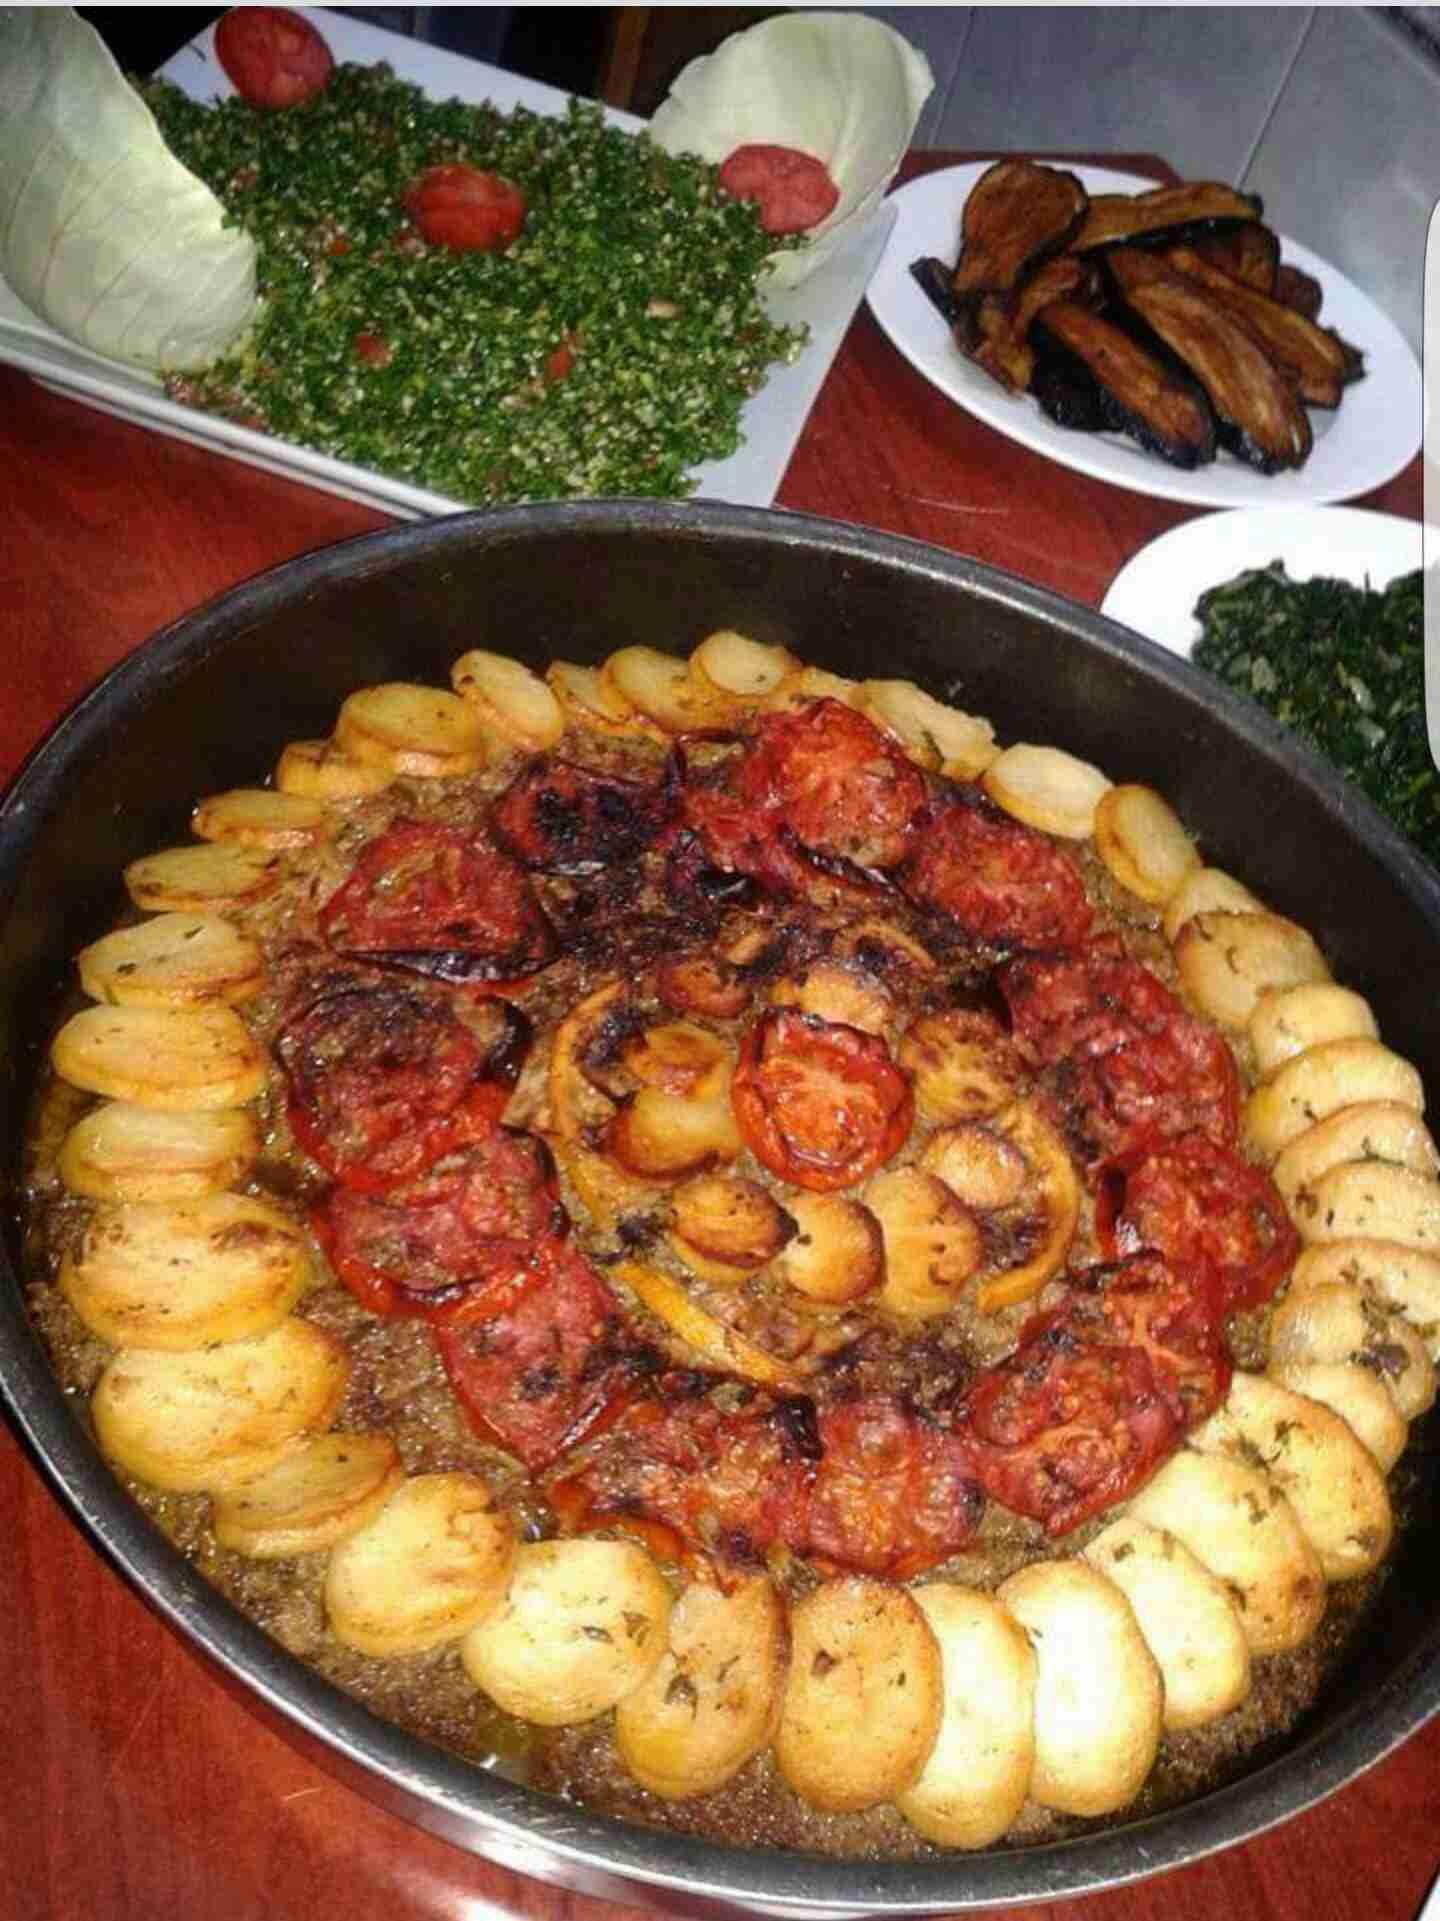 اللحمة بالصينية يا ويل قلبي على الريحة والطعمة ريتكم معي زاكي Cooking Recipes Cooking Healthy Recipes